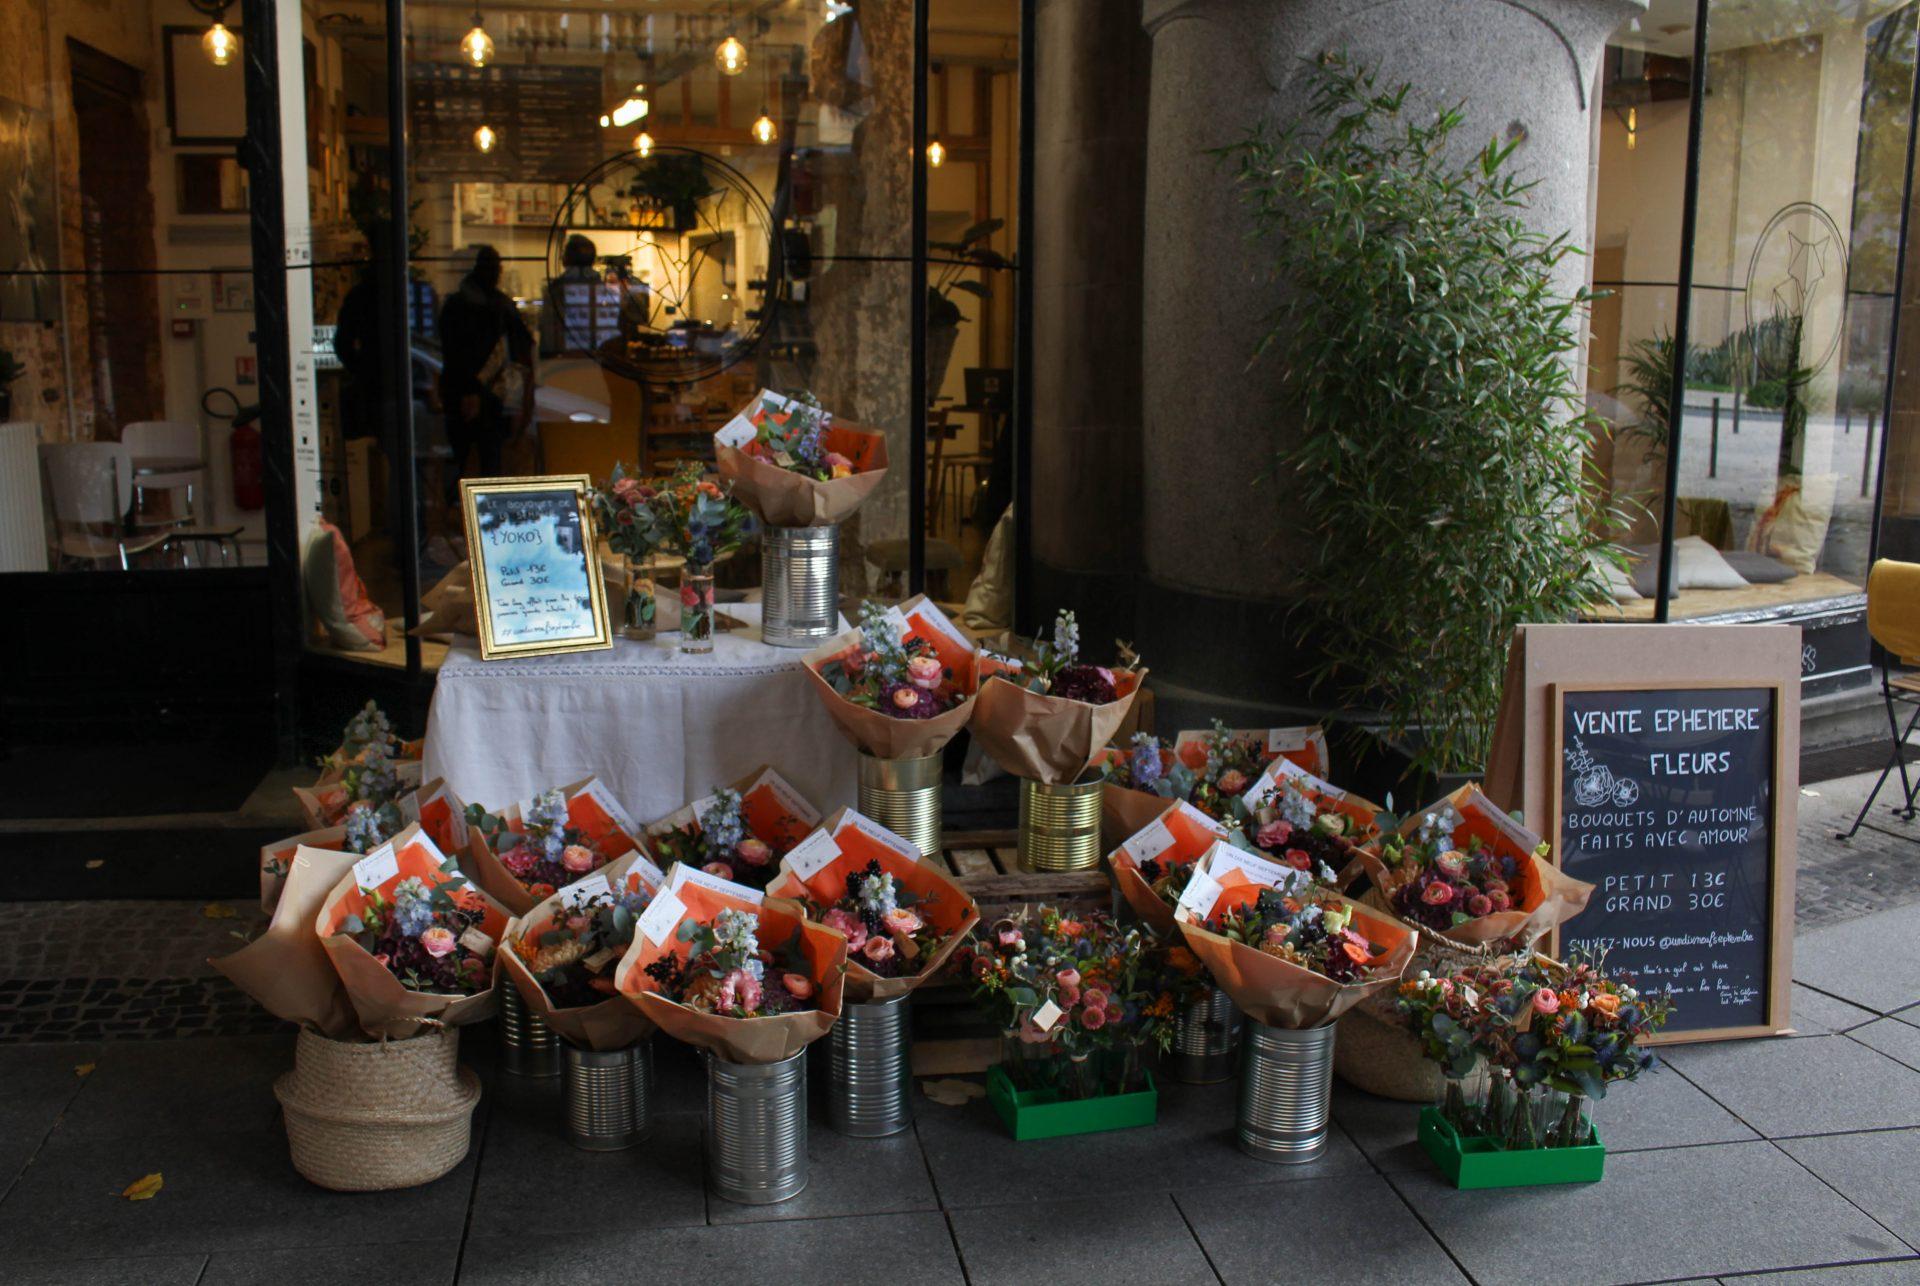 IMG 9429 2 - Interview de Floriane - Un dix neuf septembre - Floral Artist - Wedding planner - Organisation de Mariage en France, au Luxembourg, en italie, en provence, à la montagne